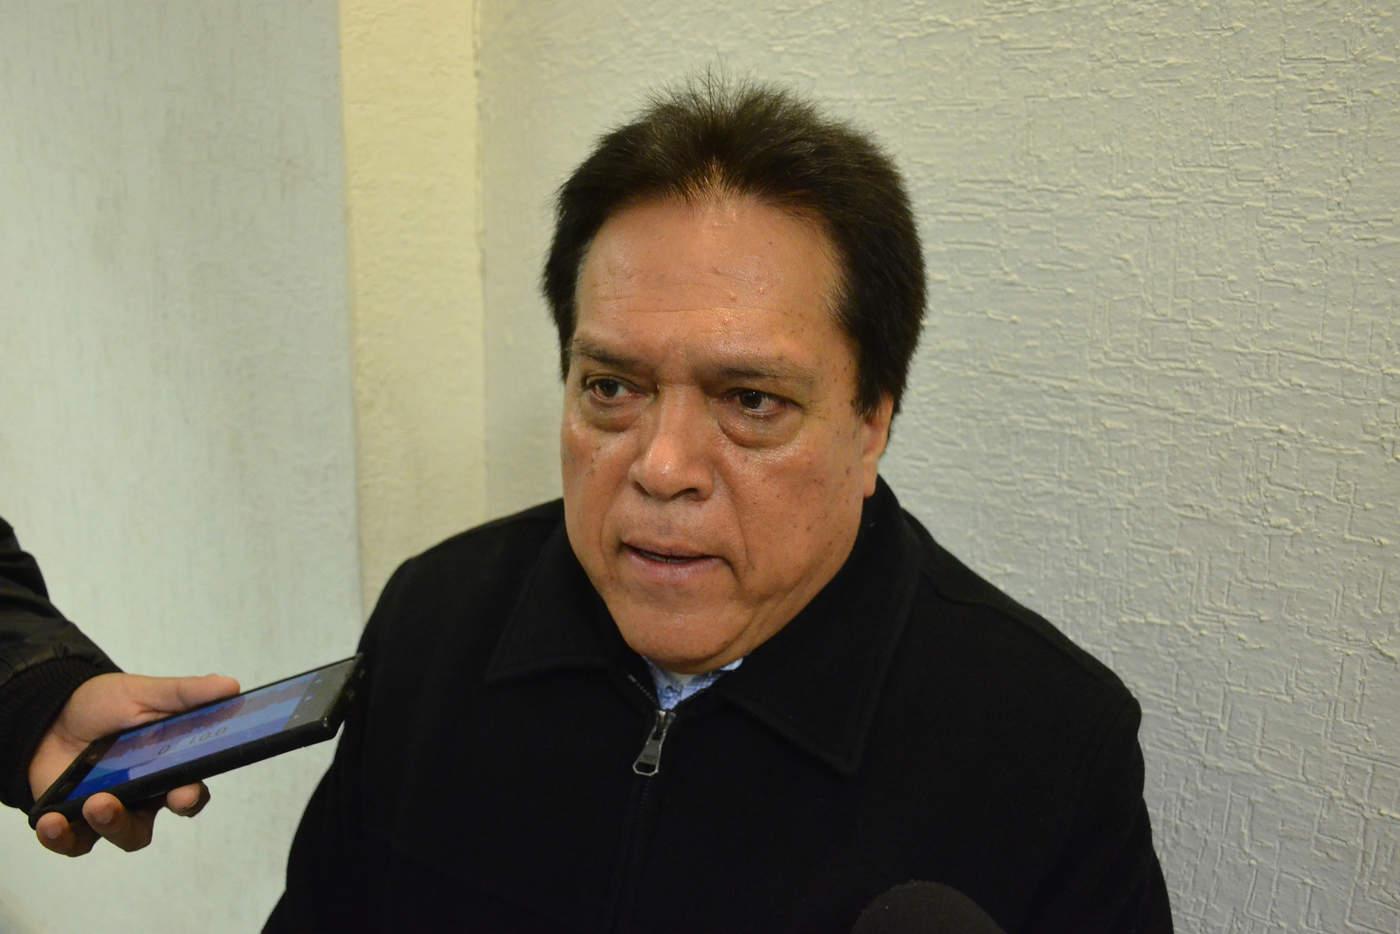 El fiscal Gerardo Márquez desmintió la versión que circuló en redes sociales sorbe una presunta detención por la muerte de empresario lagunero. (ARCHIVO)